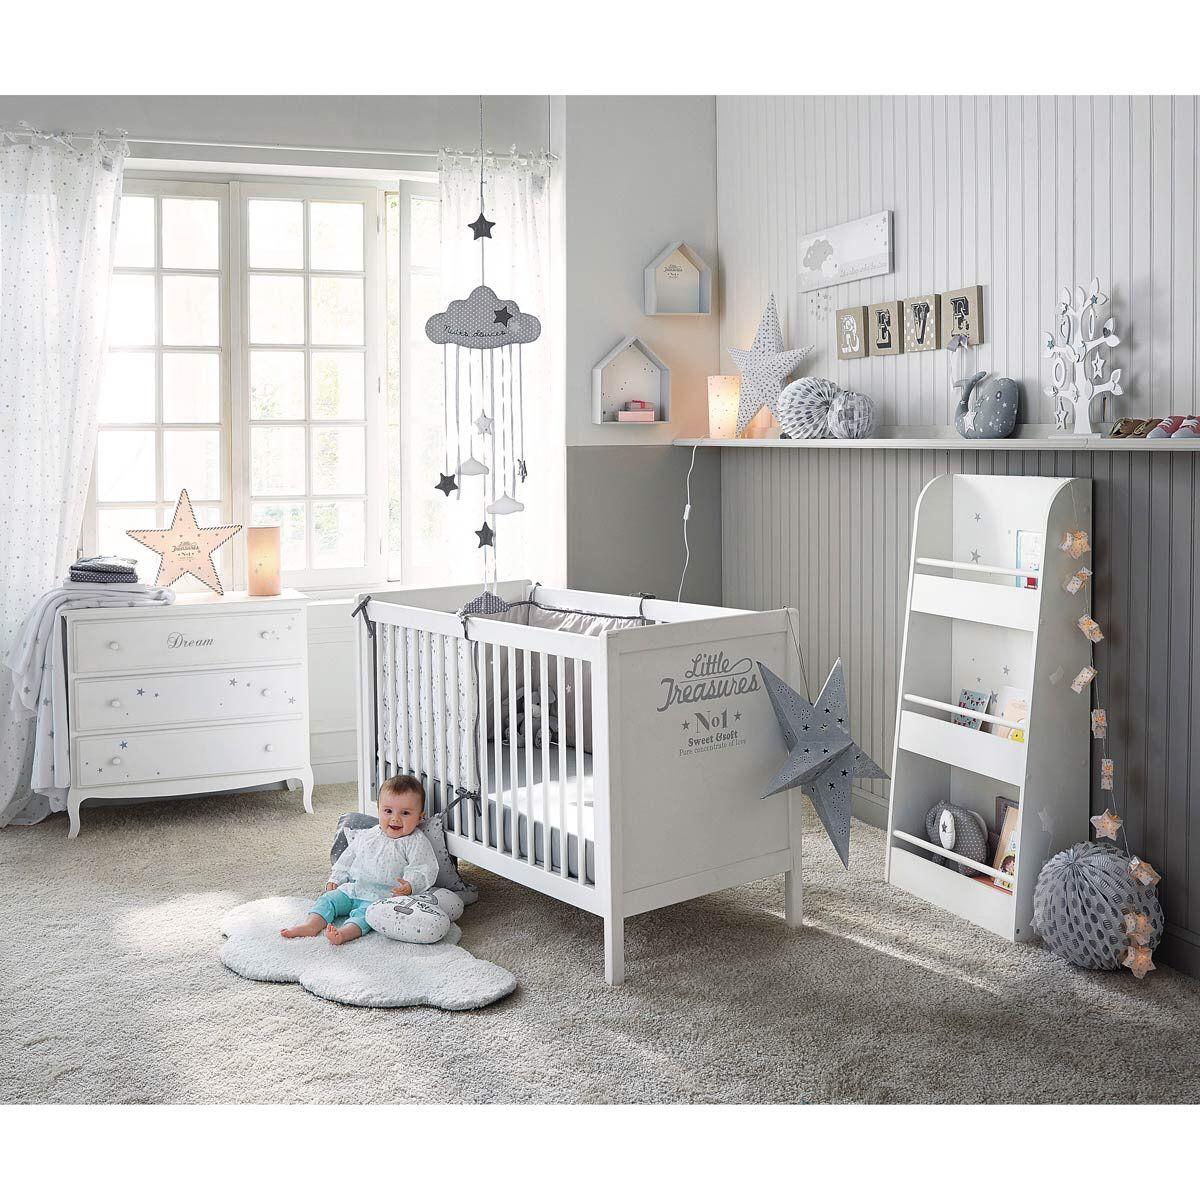 Chambre bébé en blanc et gris   maison   Pinterest   Chambres bébé ...